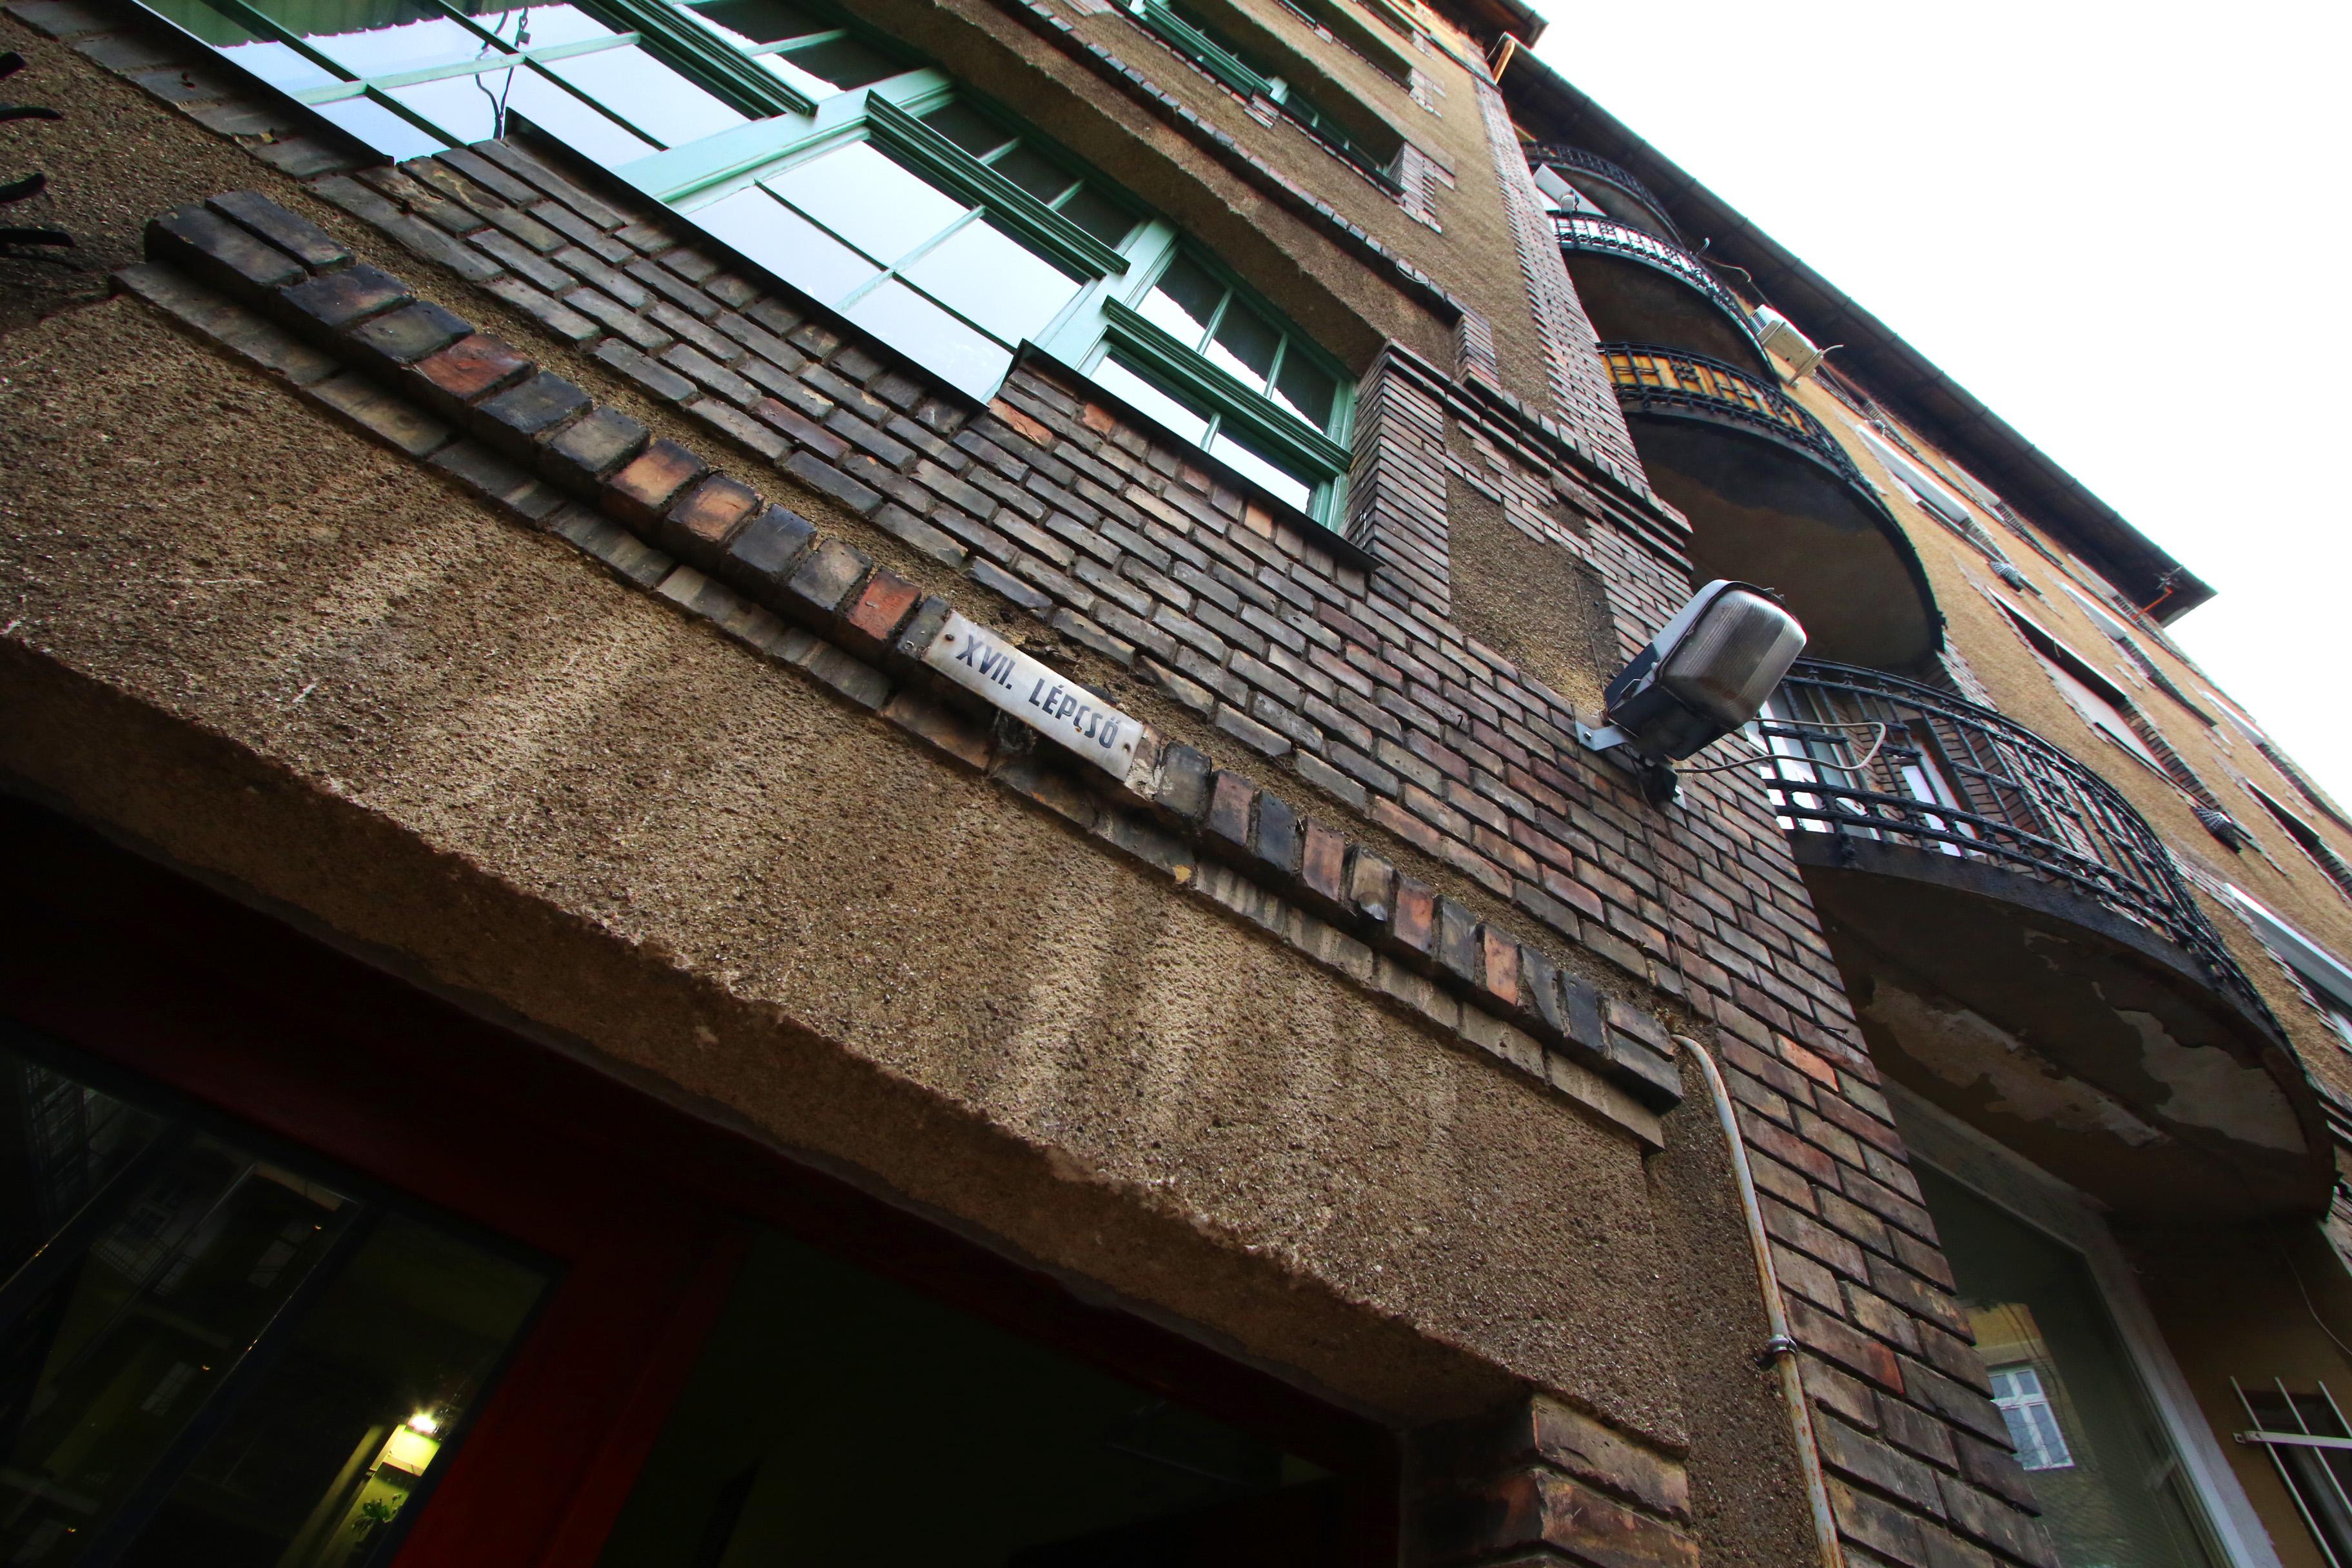 Ganz-MÁVAG kolónia, XVII. lépcsőház (XIII. számú lépcsőház babonából nincs).